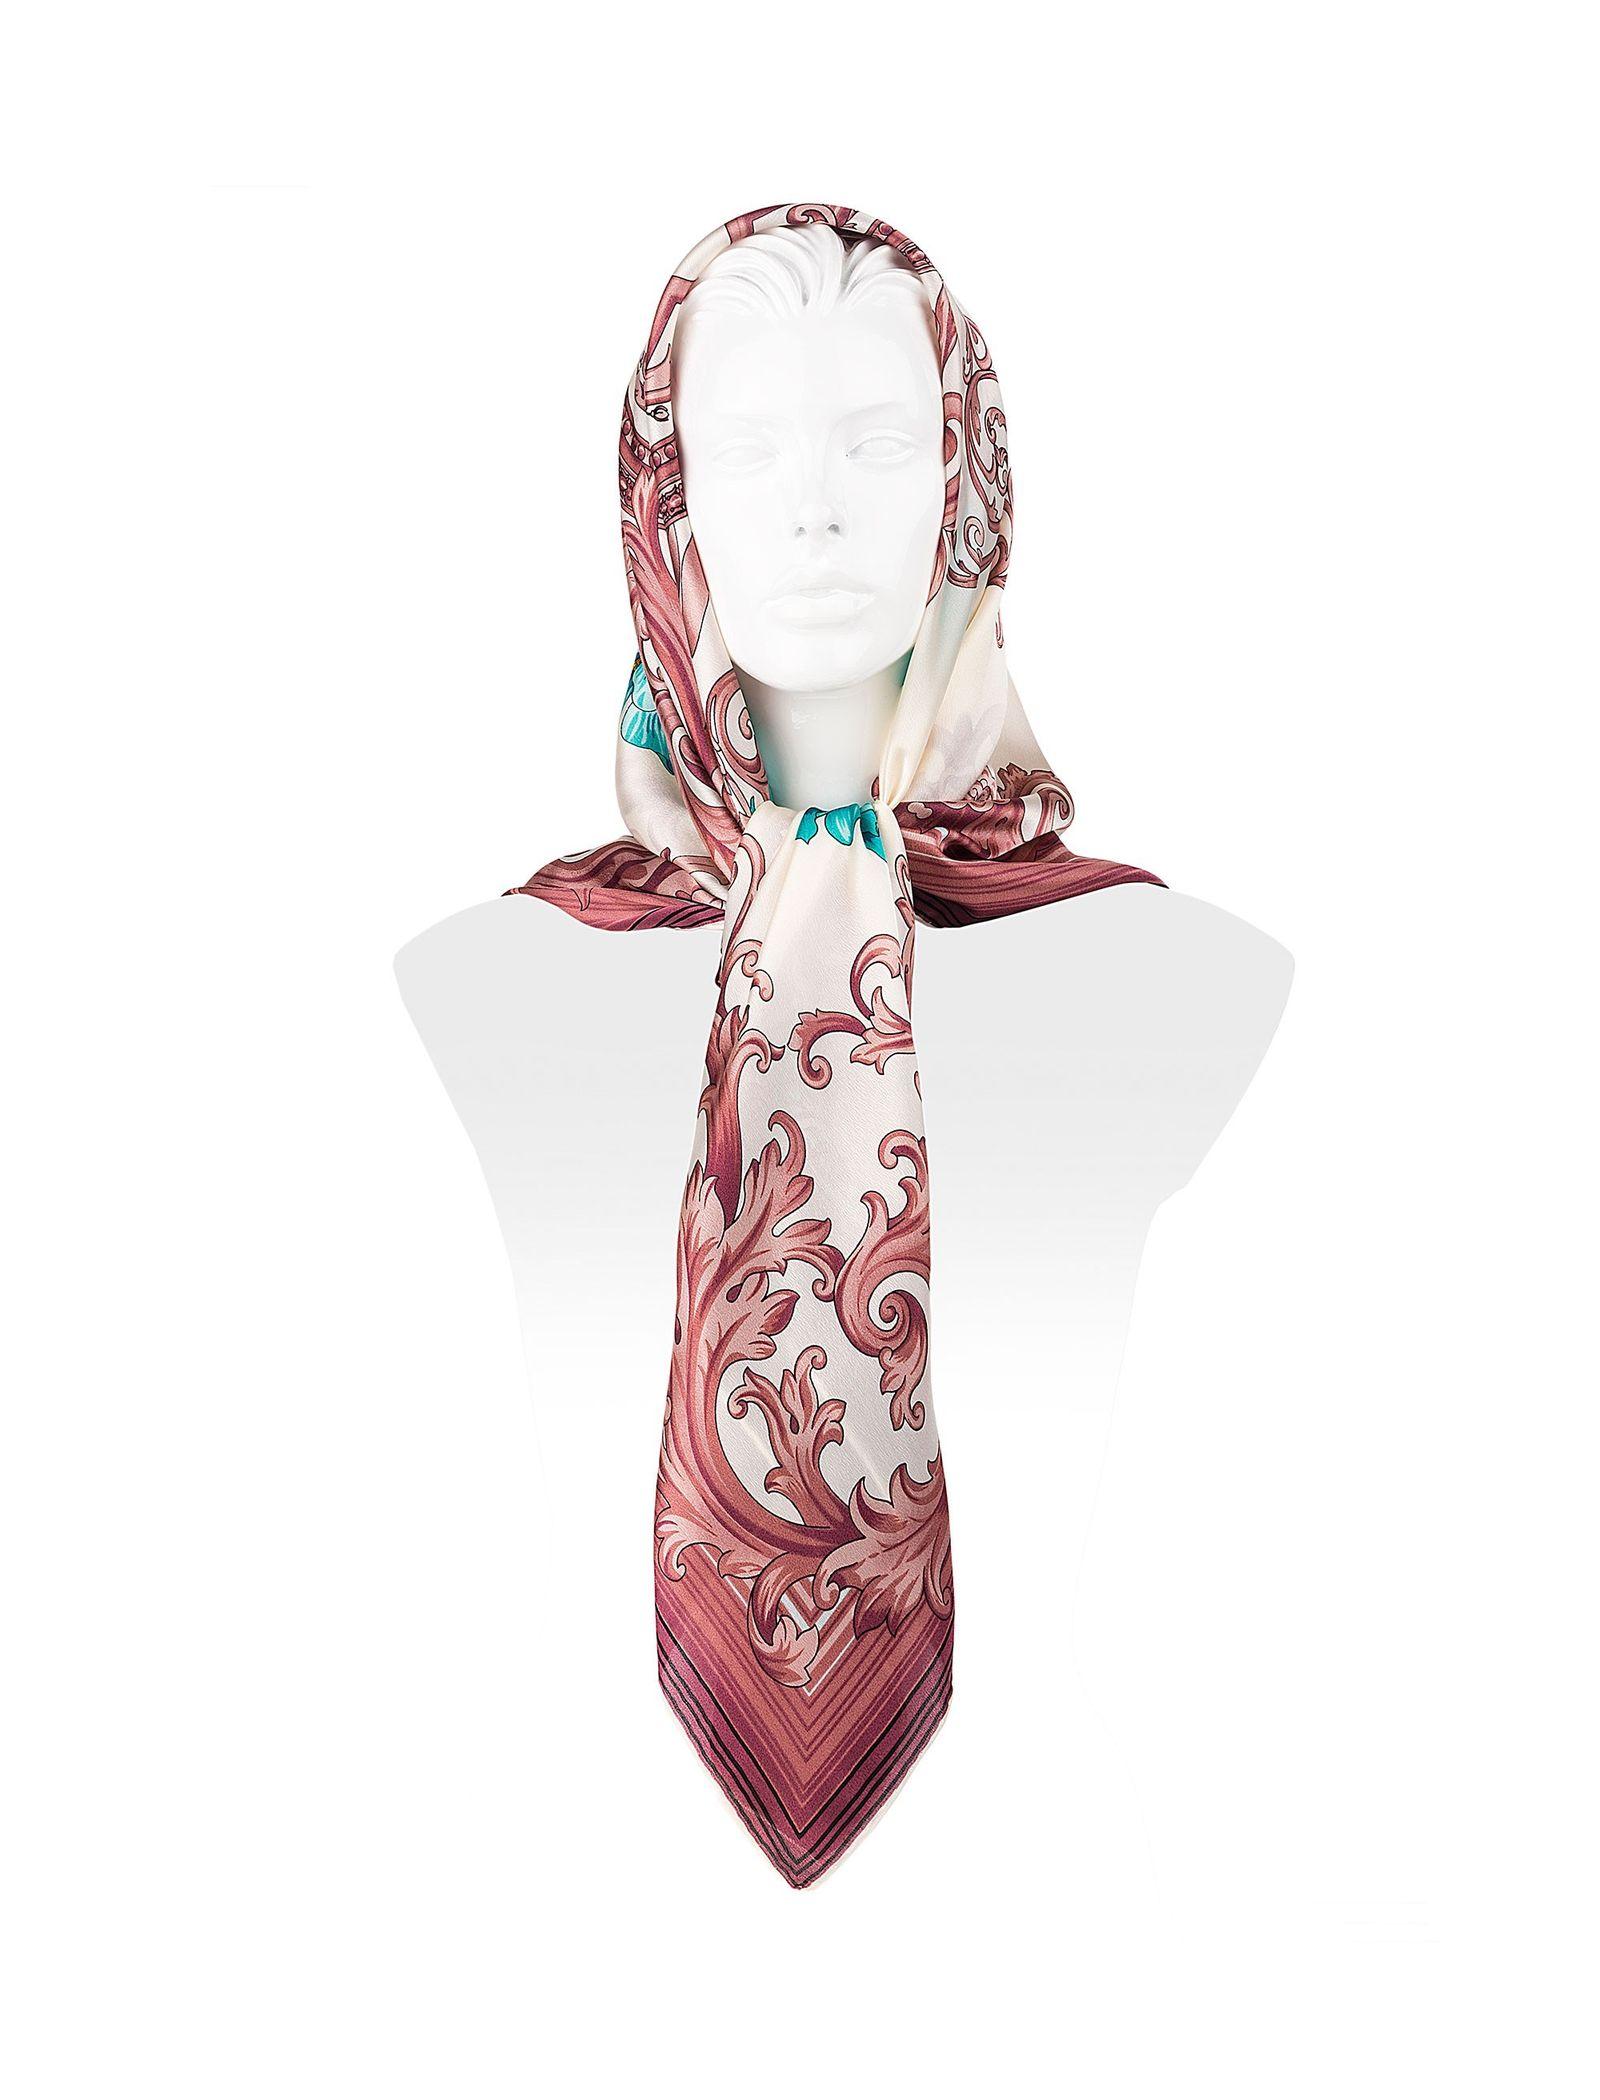 روسری ابریشمی زنانه - رزتی - سفيد و صورتي - 2